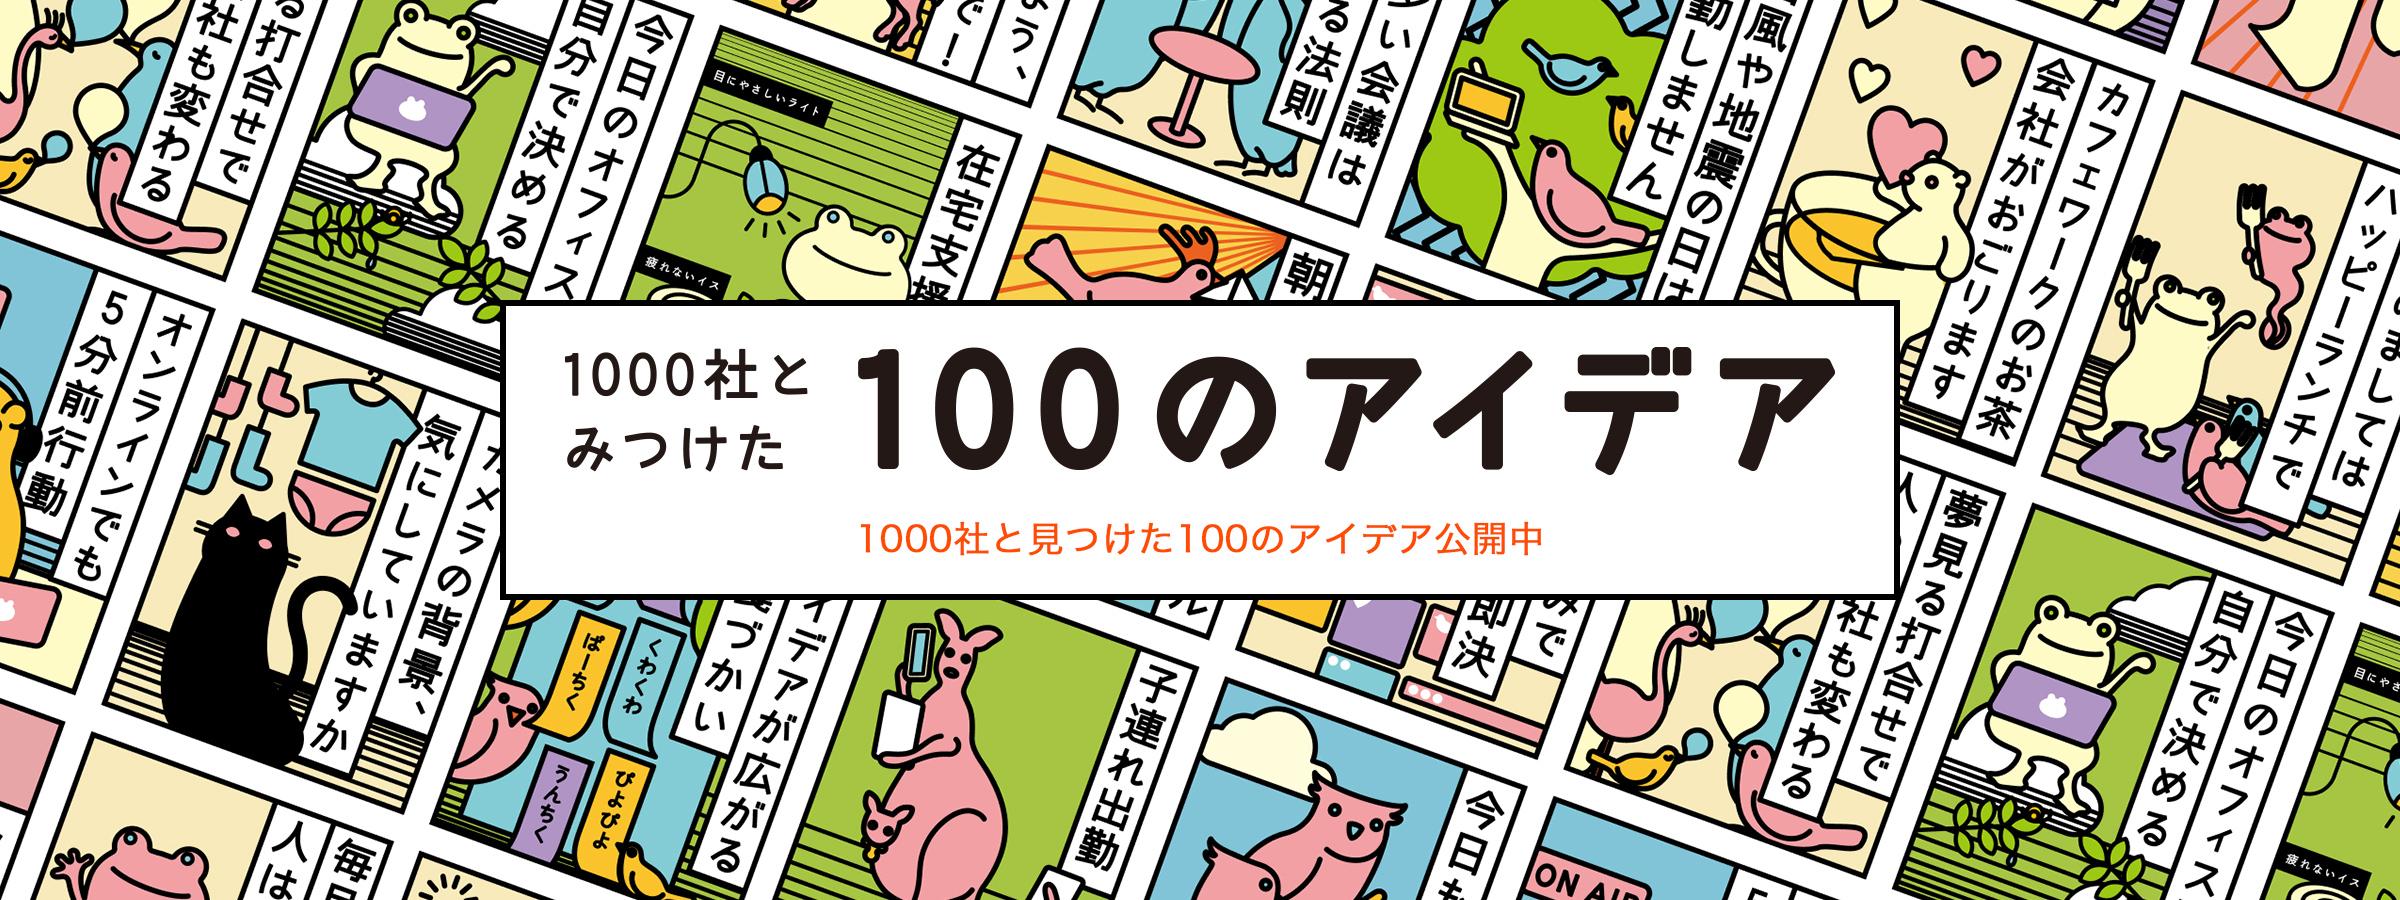 100のアイデア